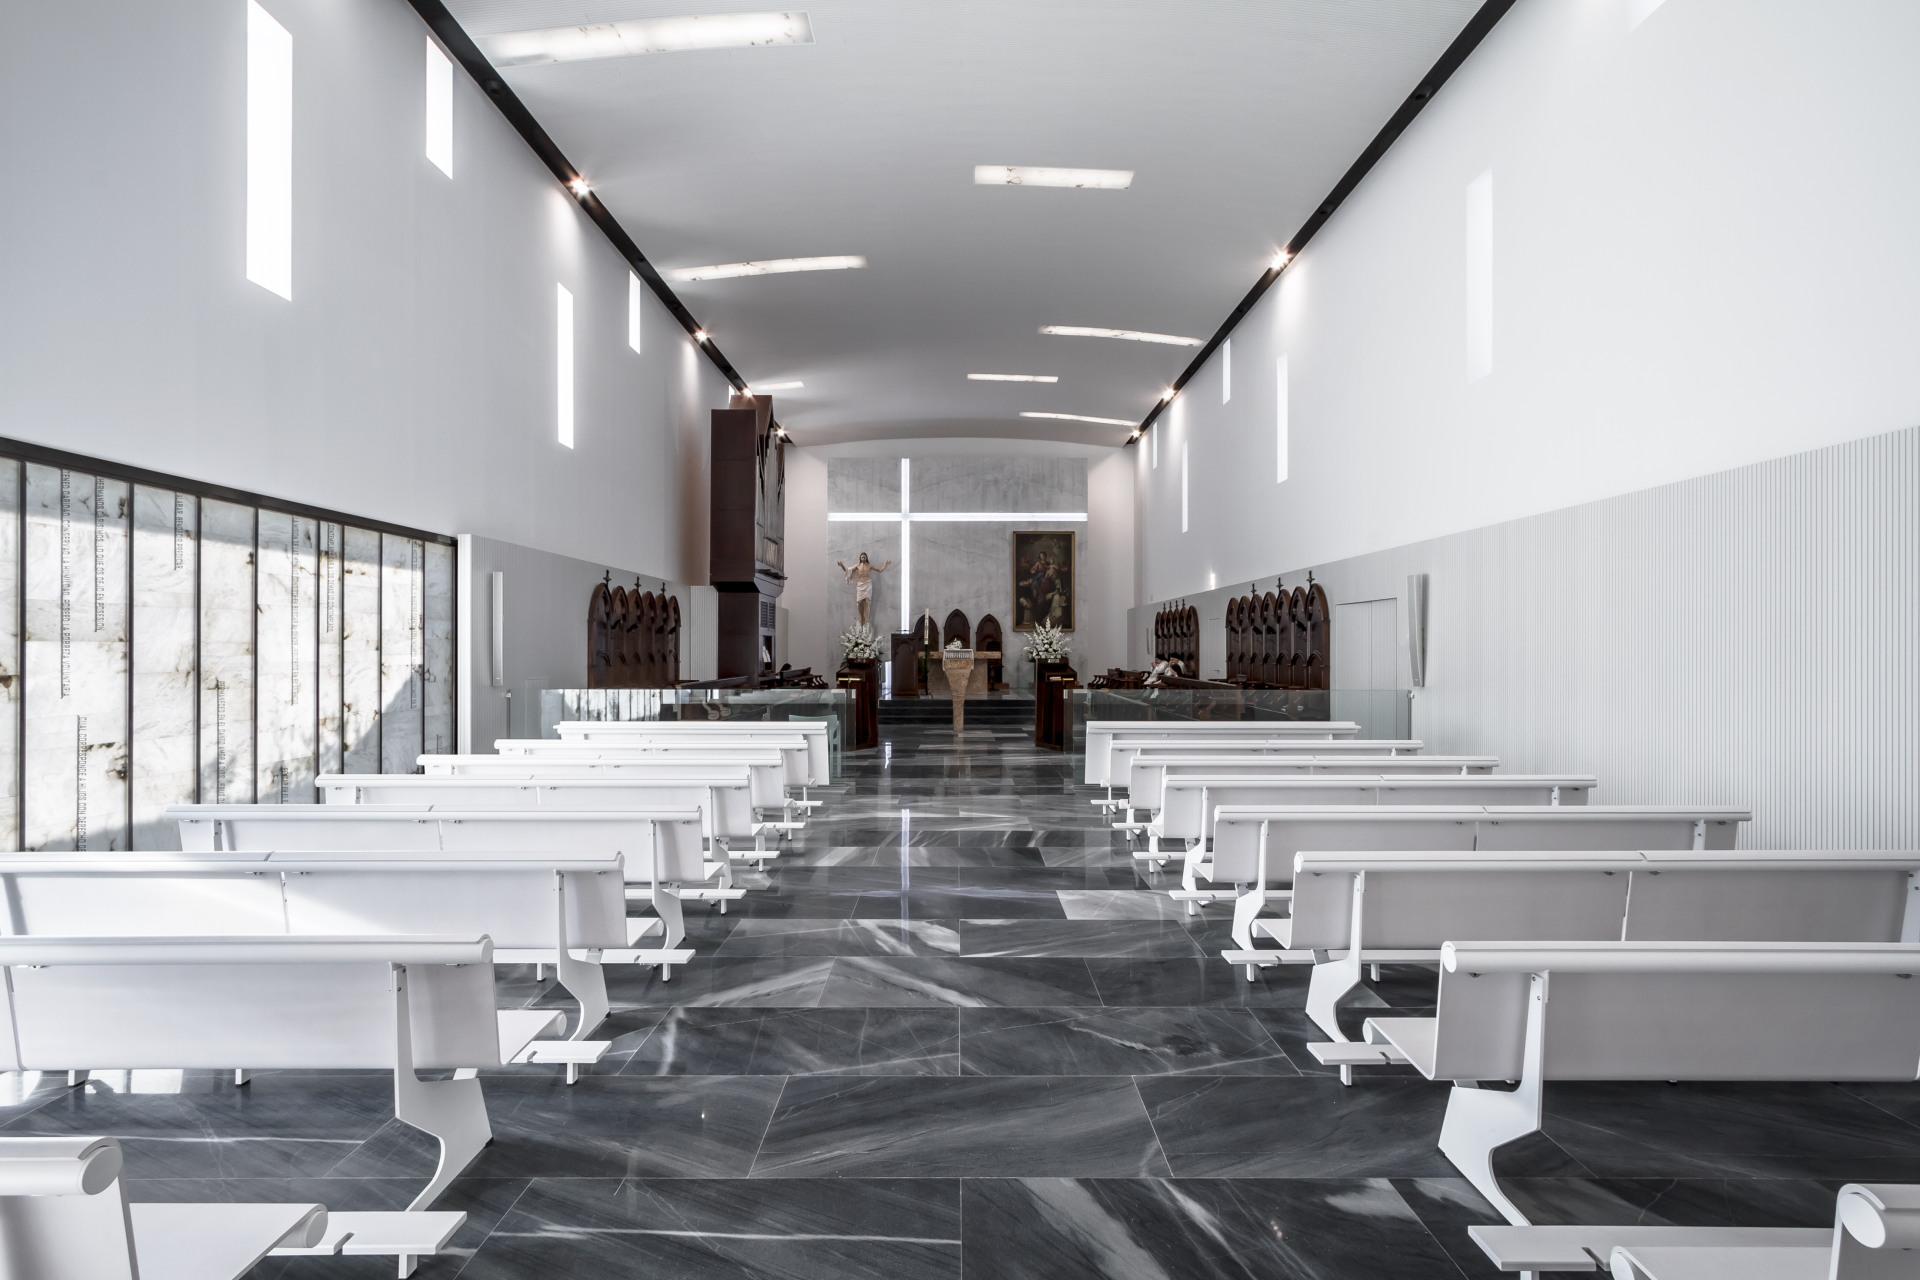 fotografia-arquitectura-valencia-german-cabo-hernandez-monasterio (49)